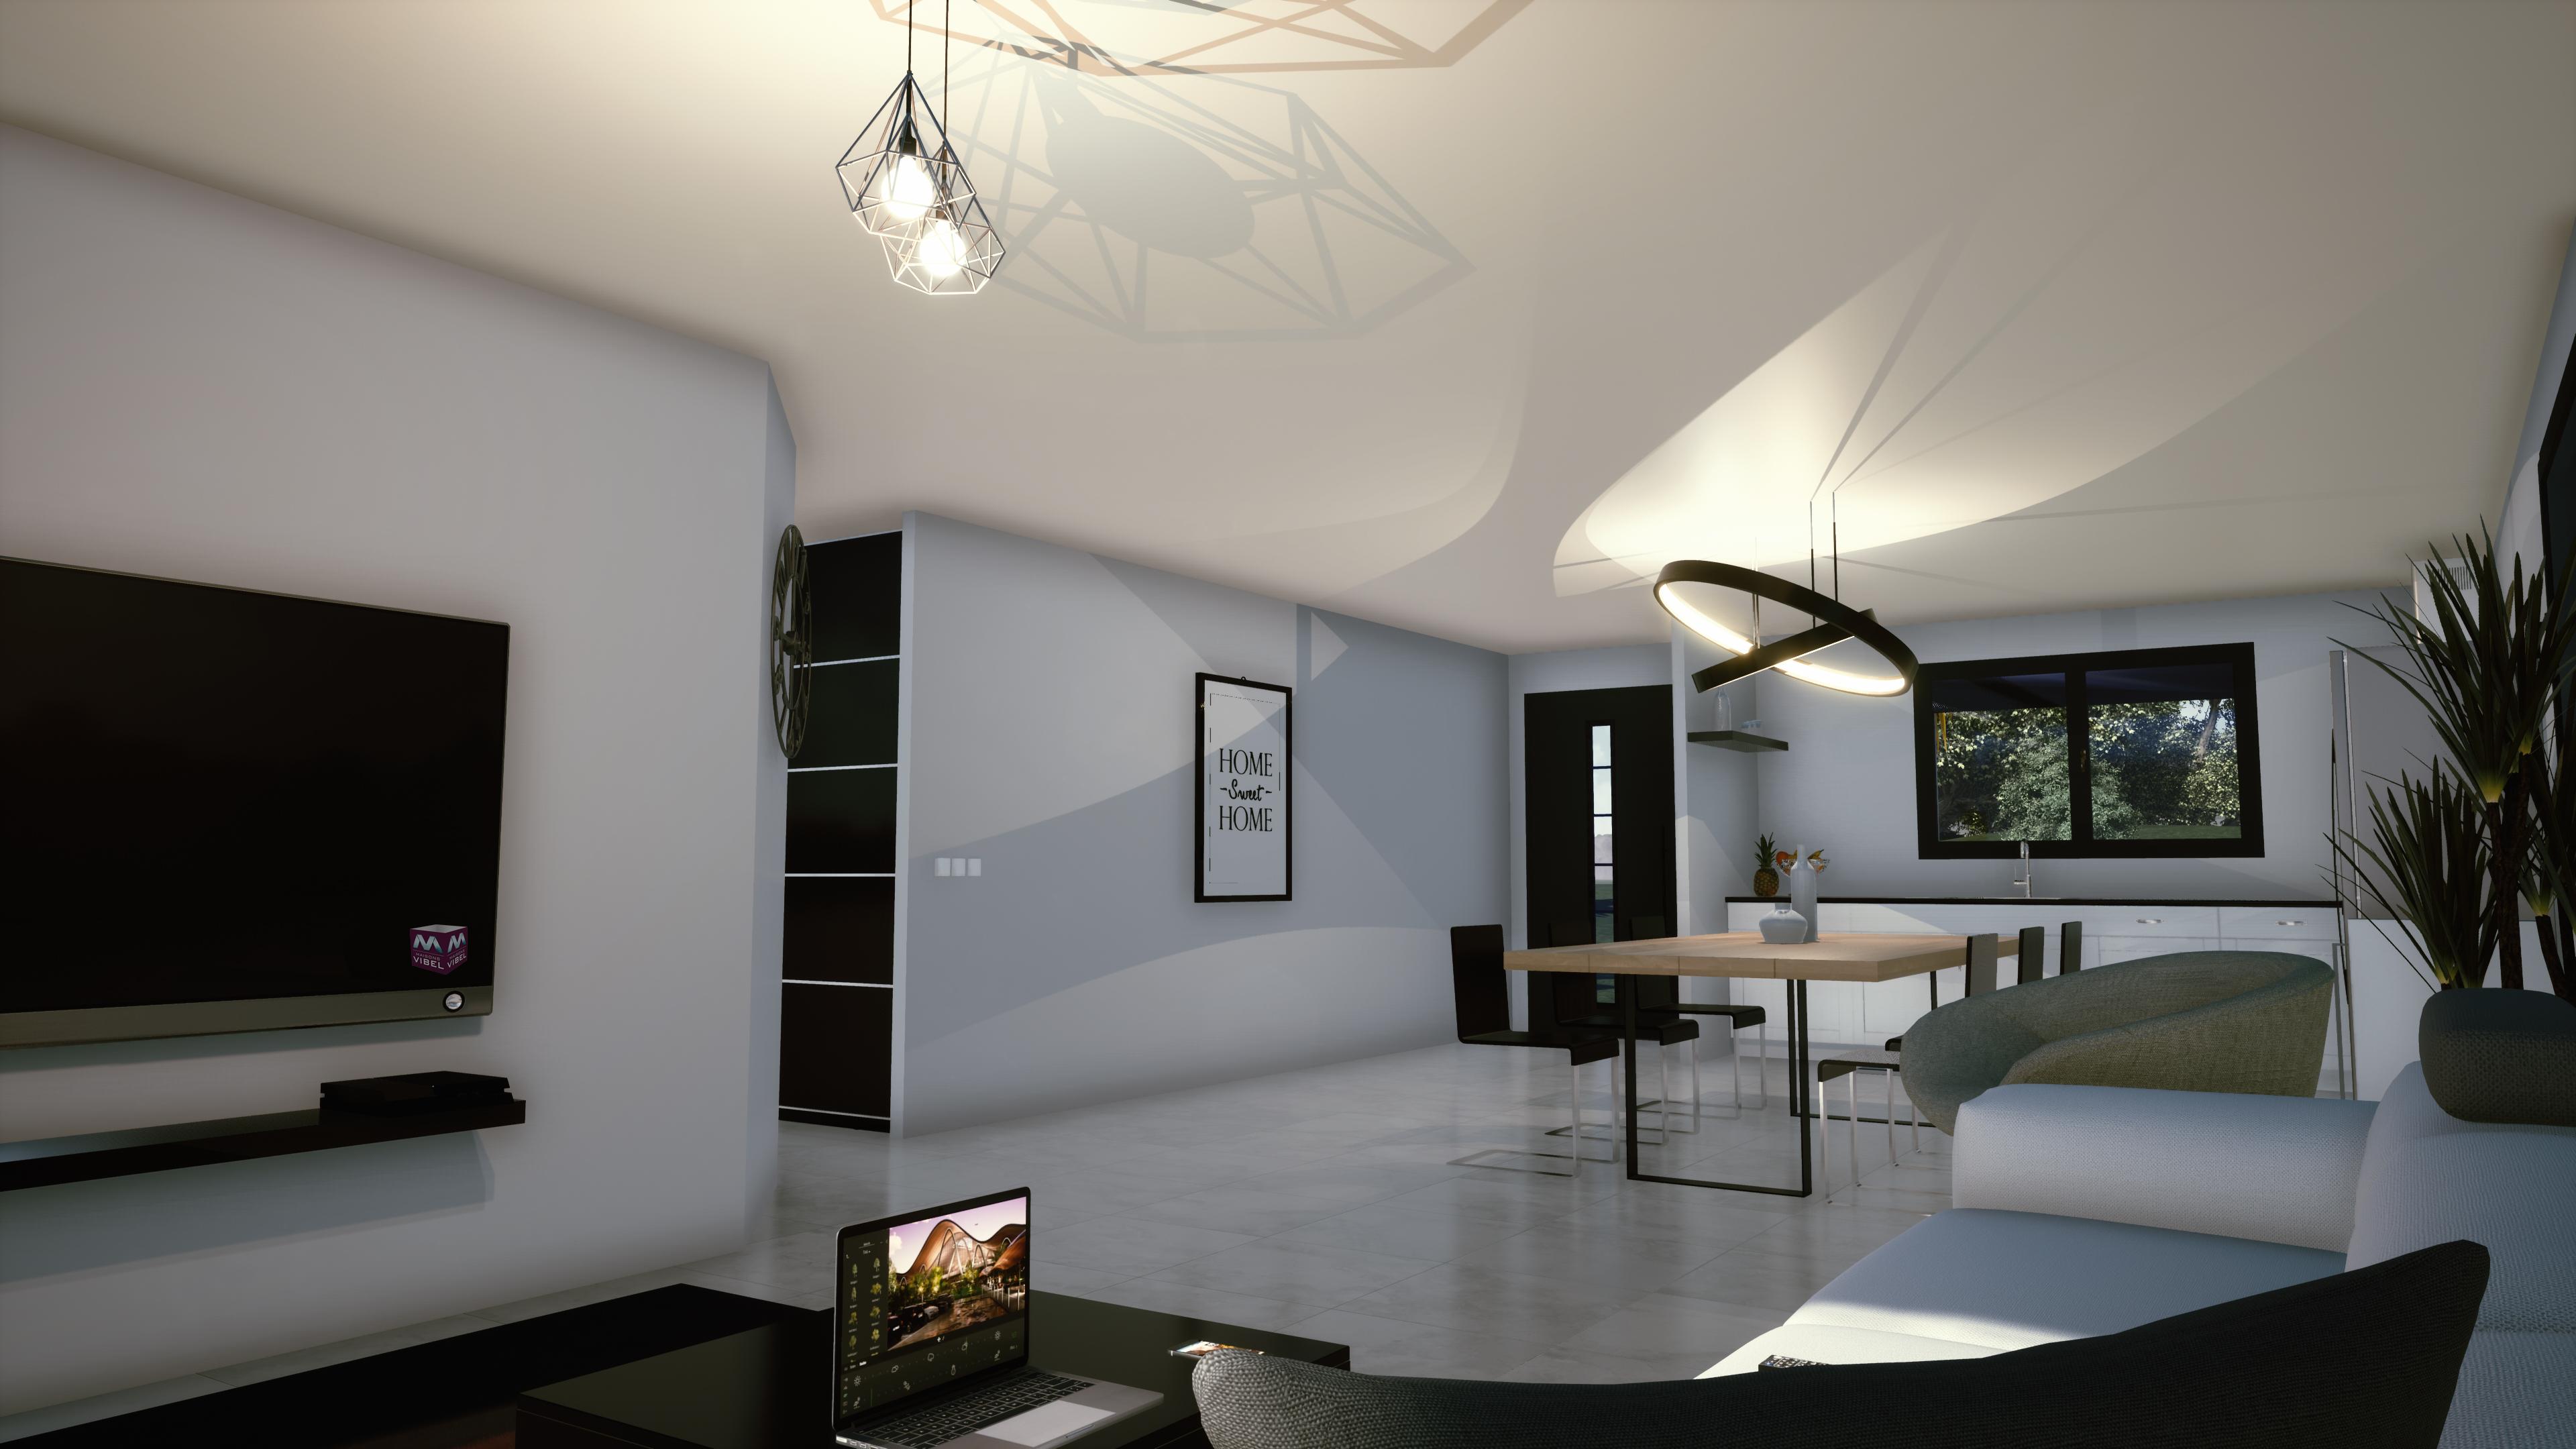 Maisons + Terrains du constructeur MAISONS VIBEL • 100 m² • CORBERE